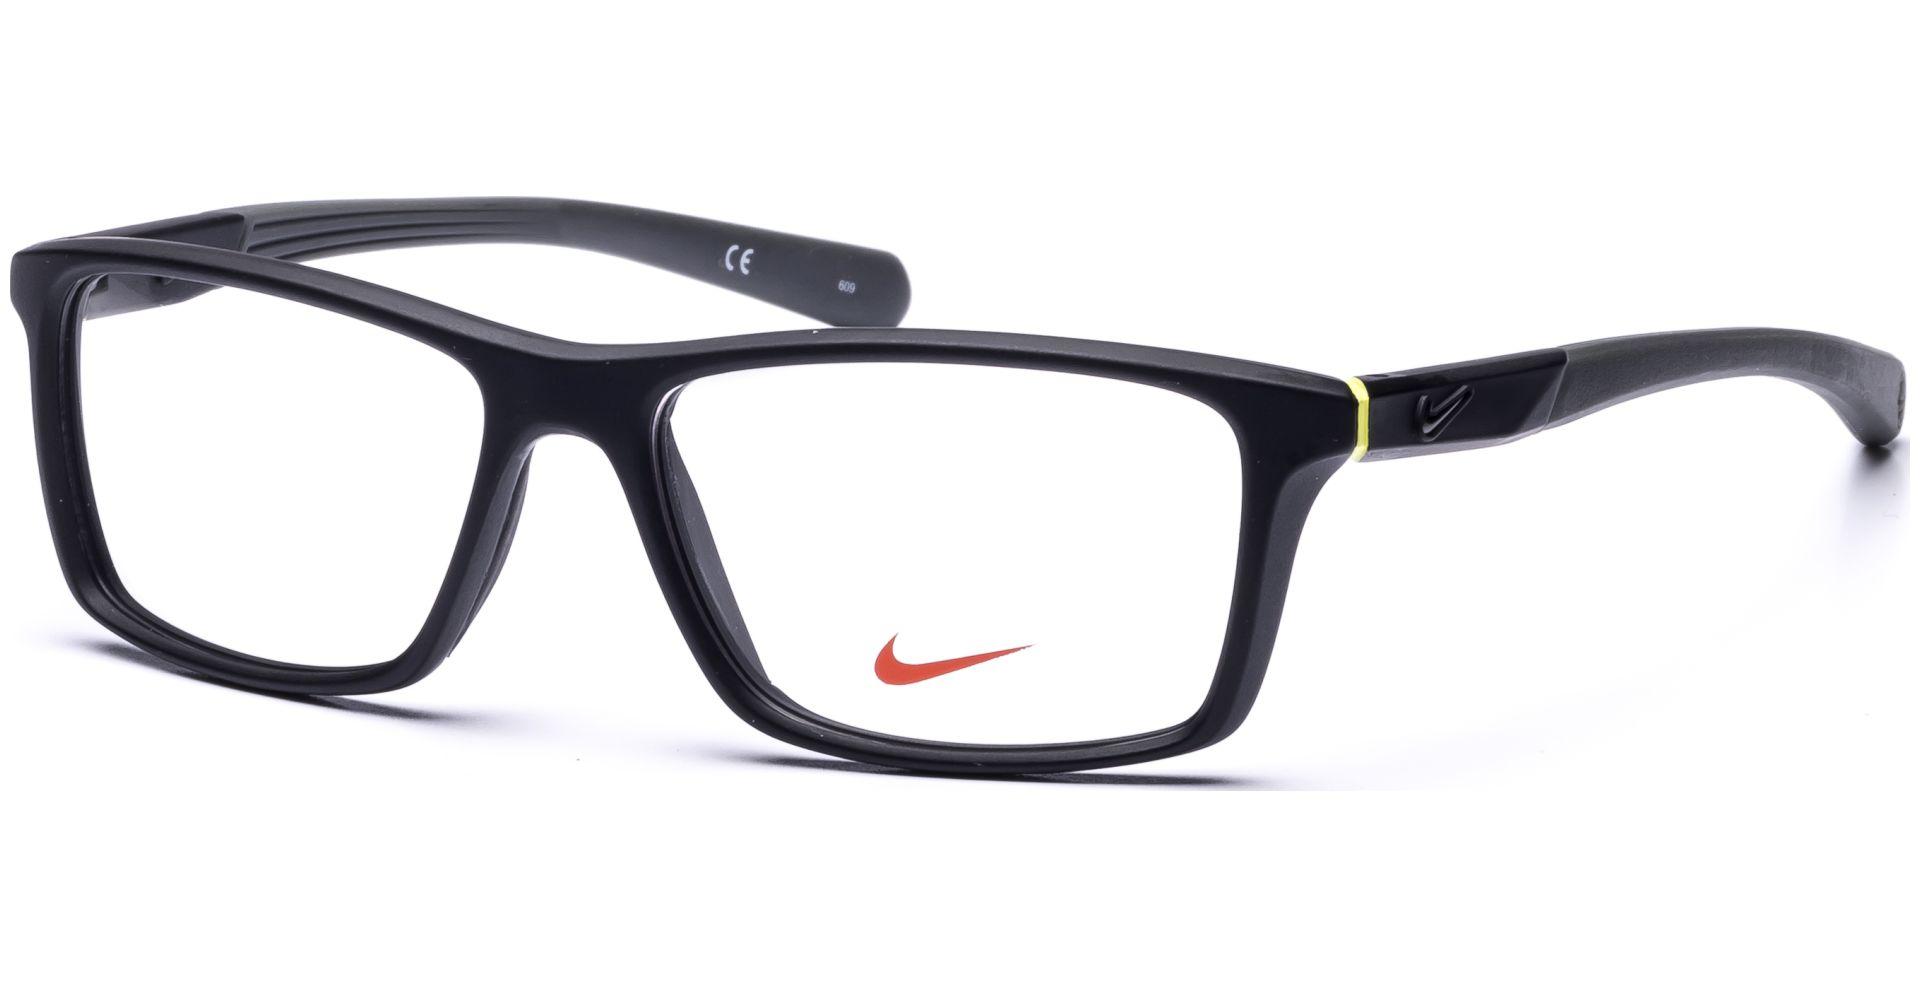 Nike - 7087 005 5415 MATTE BLACK-VOLT - von Lensbest